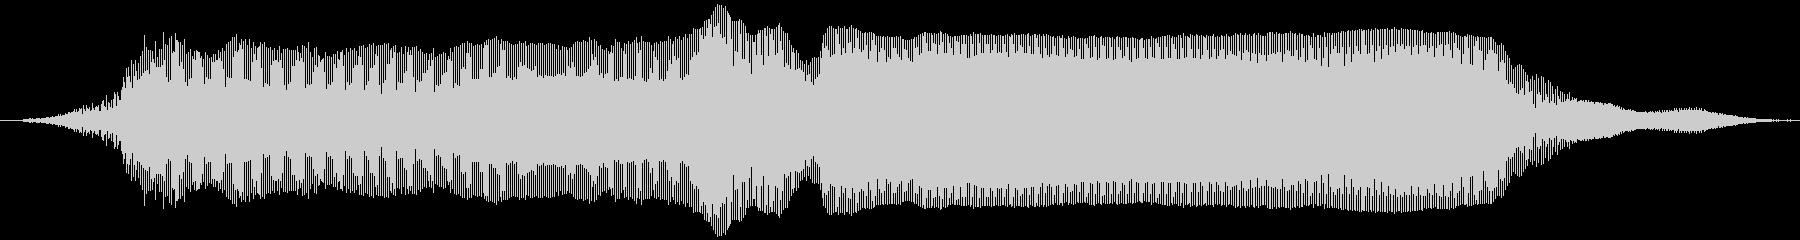 こぶし04(D#)の未再生の波形